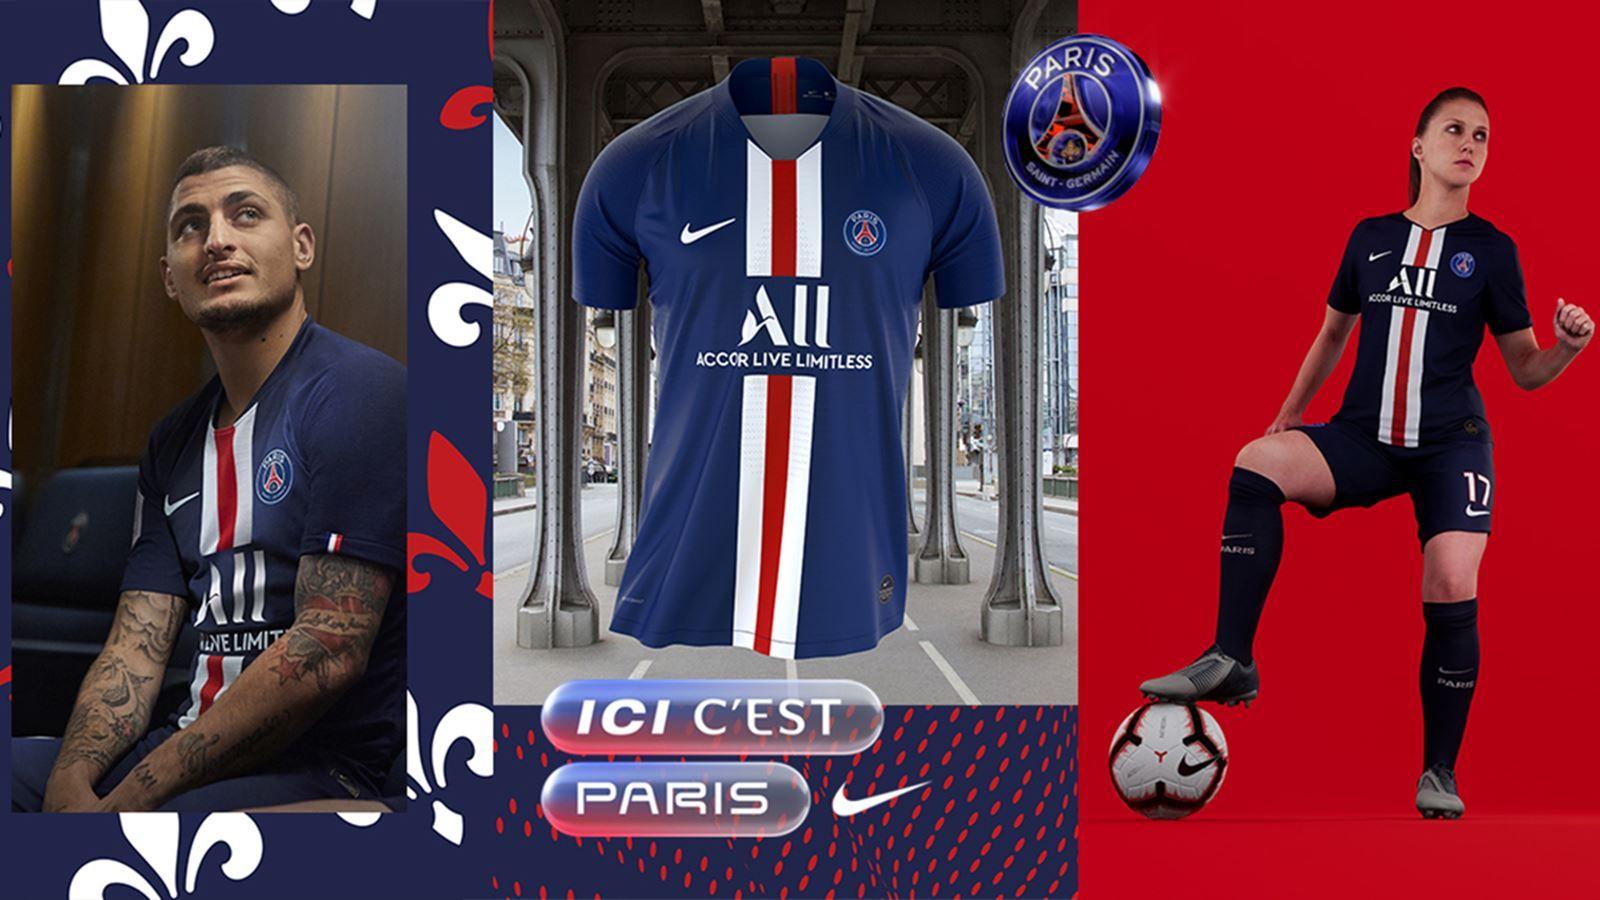 La nueva camiseta de PSG para la temporada 2019-20.